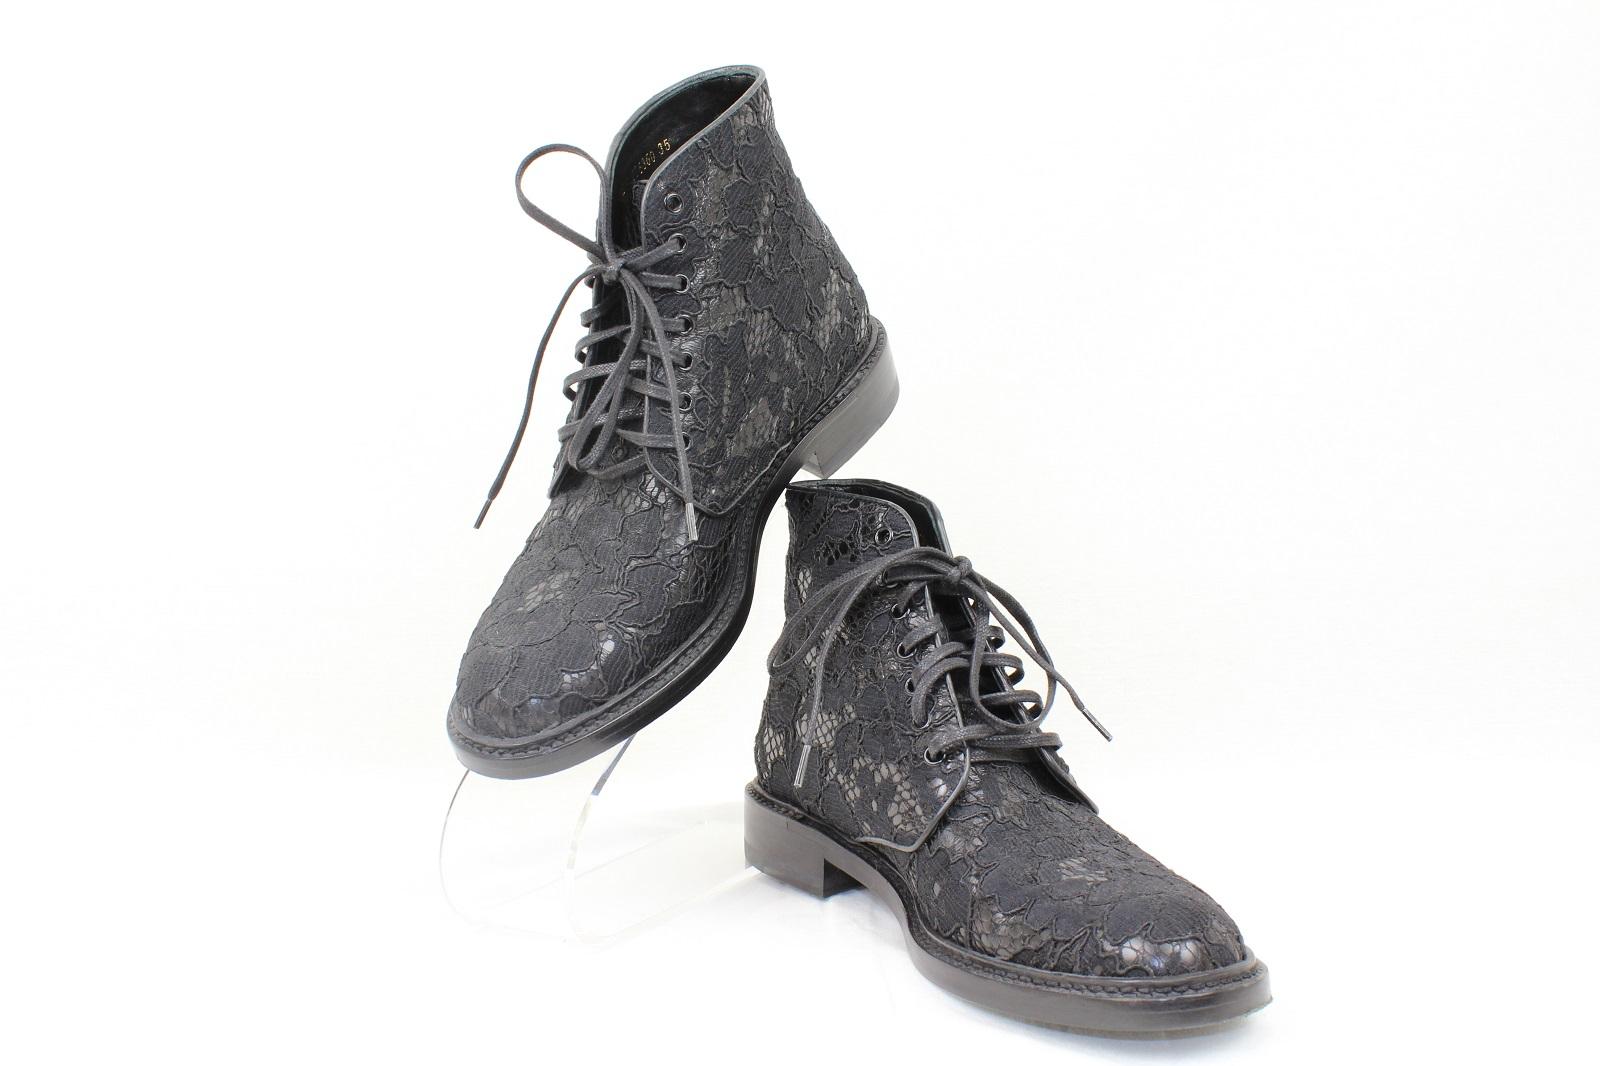 SAINT LAURENCEレースアップ ブーツブラック 黒 レース靴 ブーツ サイズ:35(21.5cm)【中古】